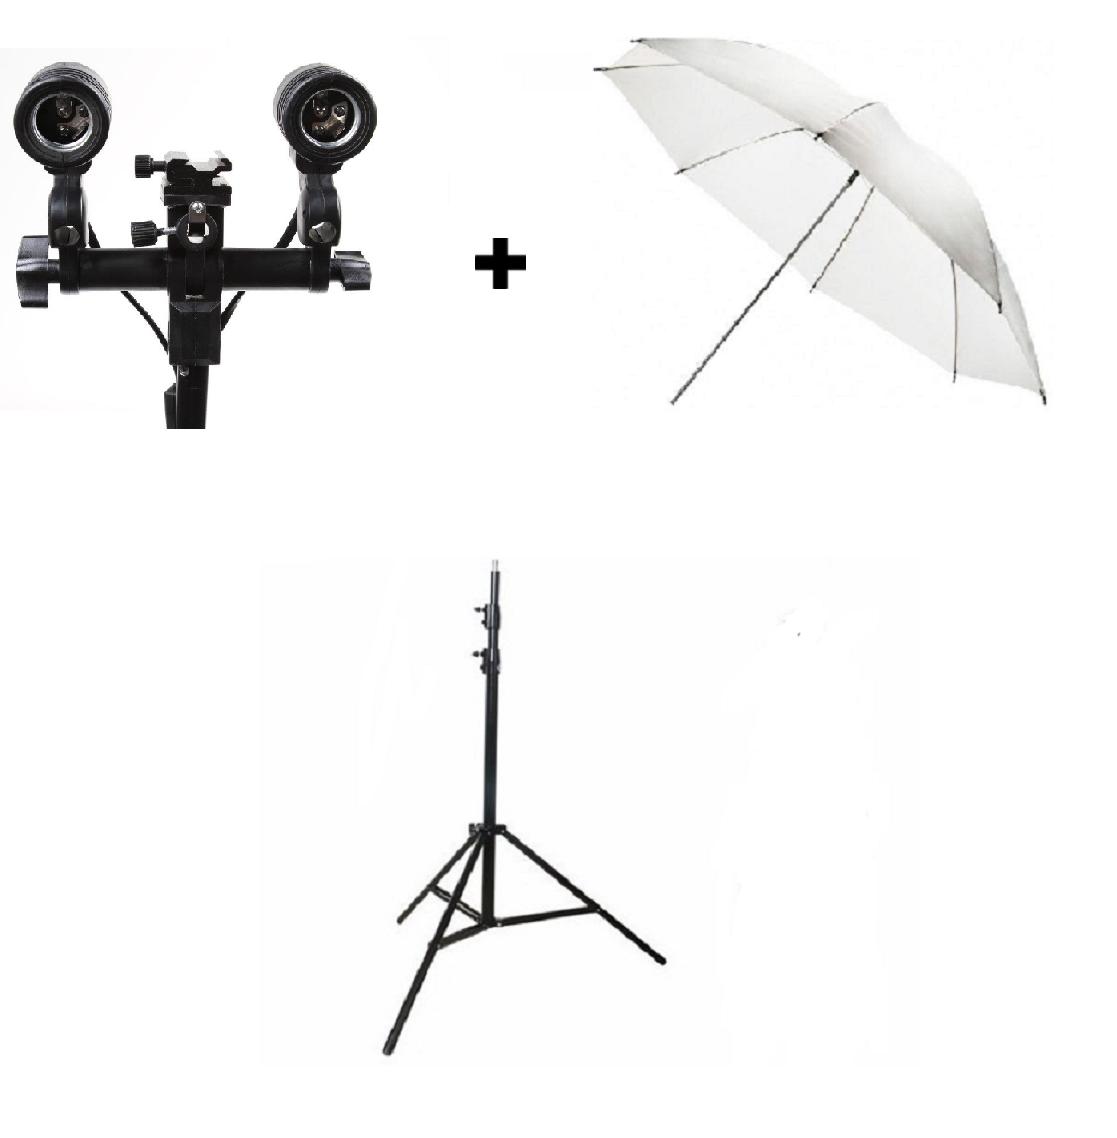 Kit De Iluminação Contínua Para Estúdio Com Tripé Soquete e Sombrinha - ST803 + Sombrinha 80 cm + Soquete Duplo Com Suporte Flash